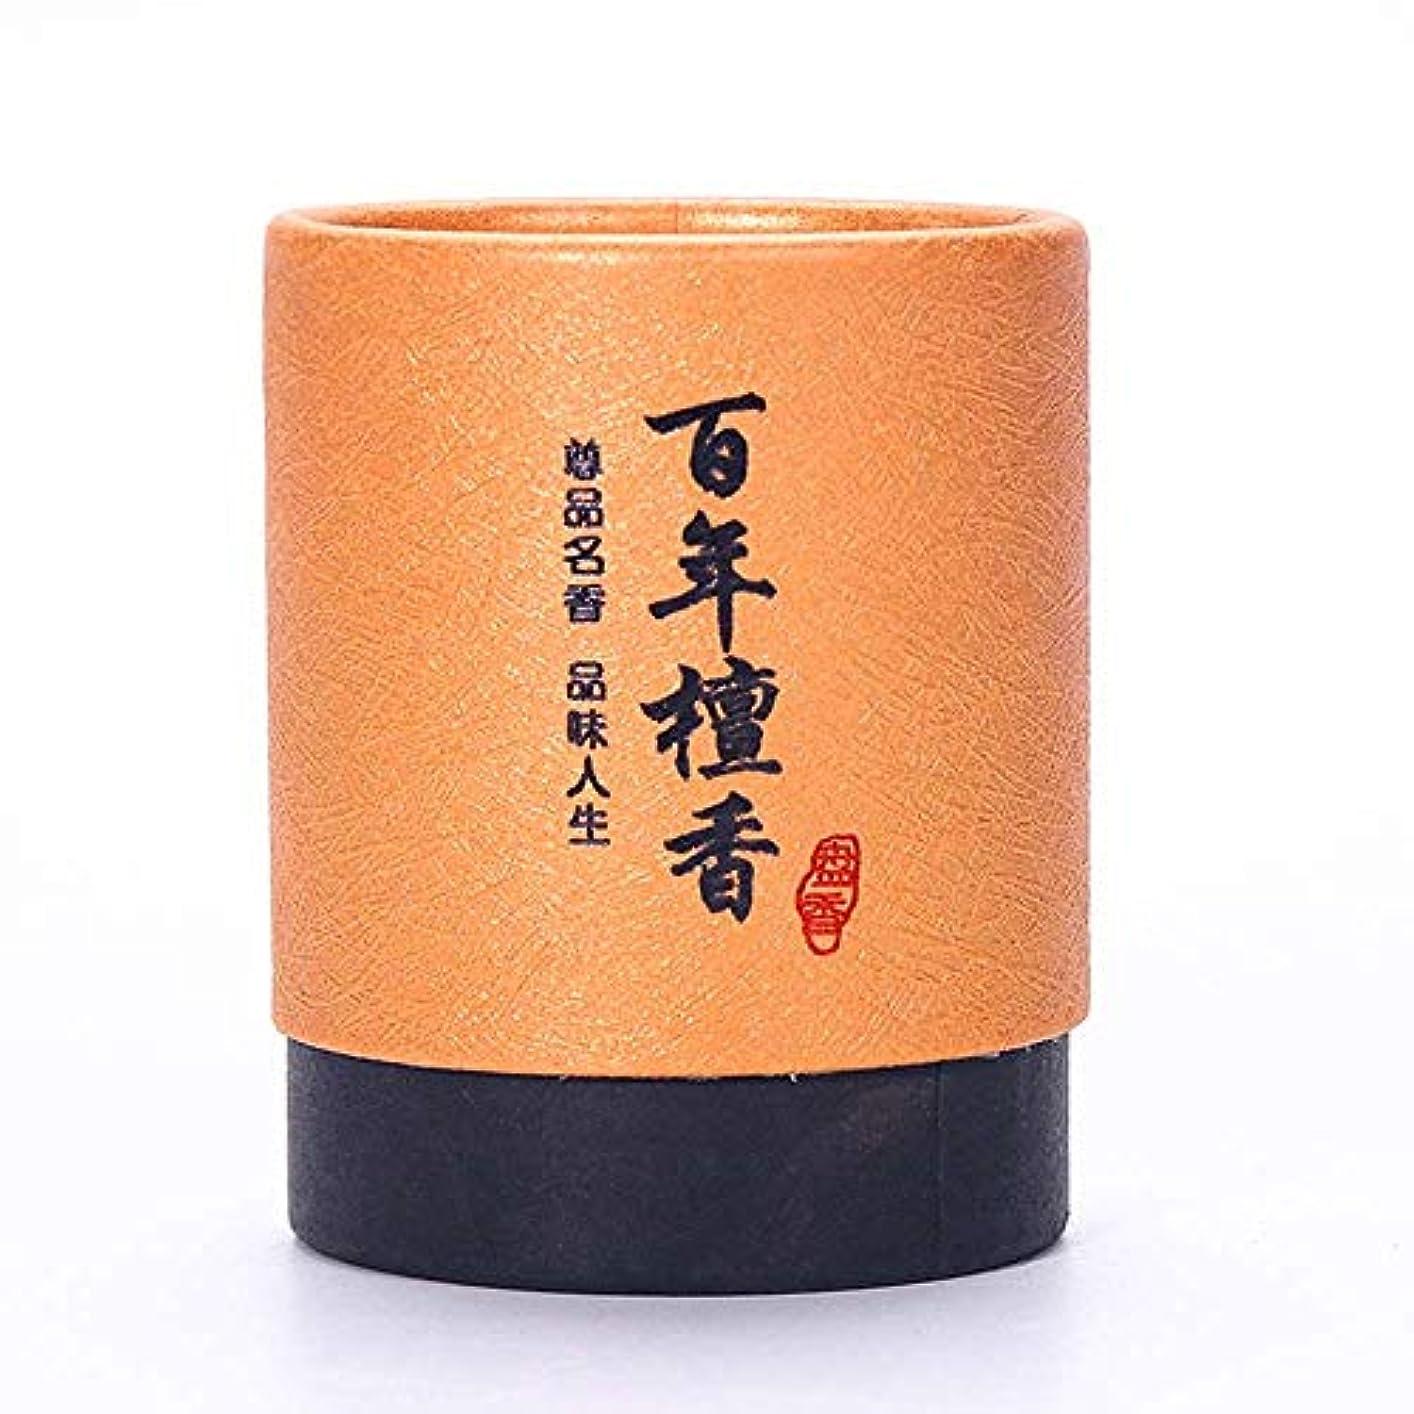 特派員不安定な強化するHwaGui お香 2時間 盤香 渦巻き線香 優しい香り 48巻入 (百年檀香)